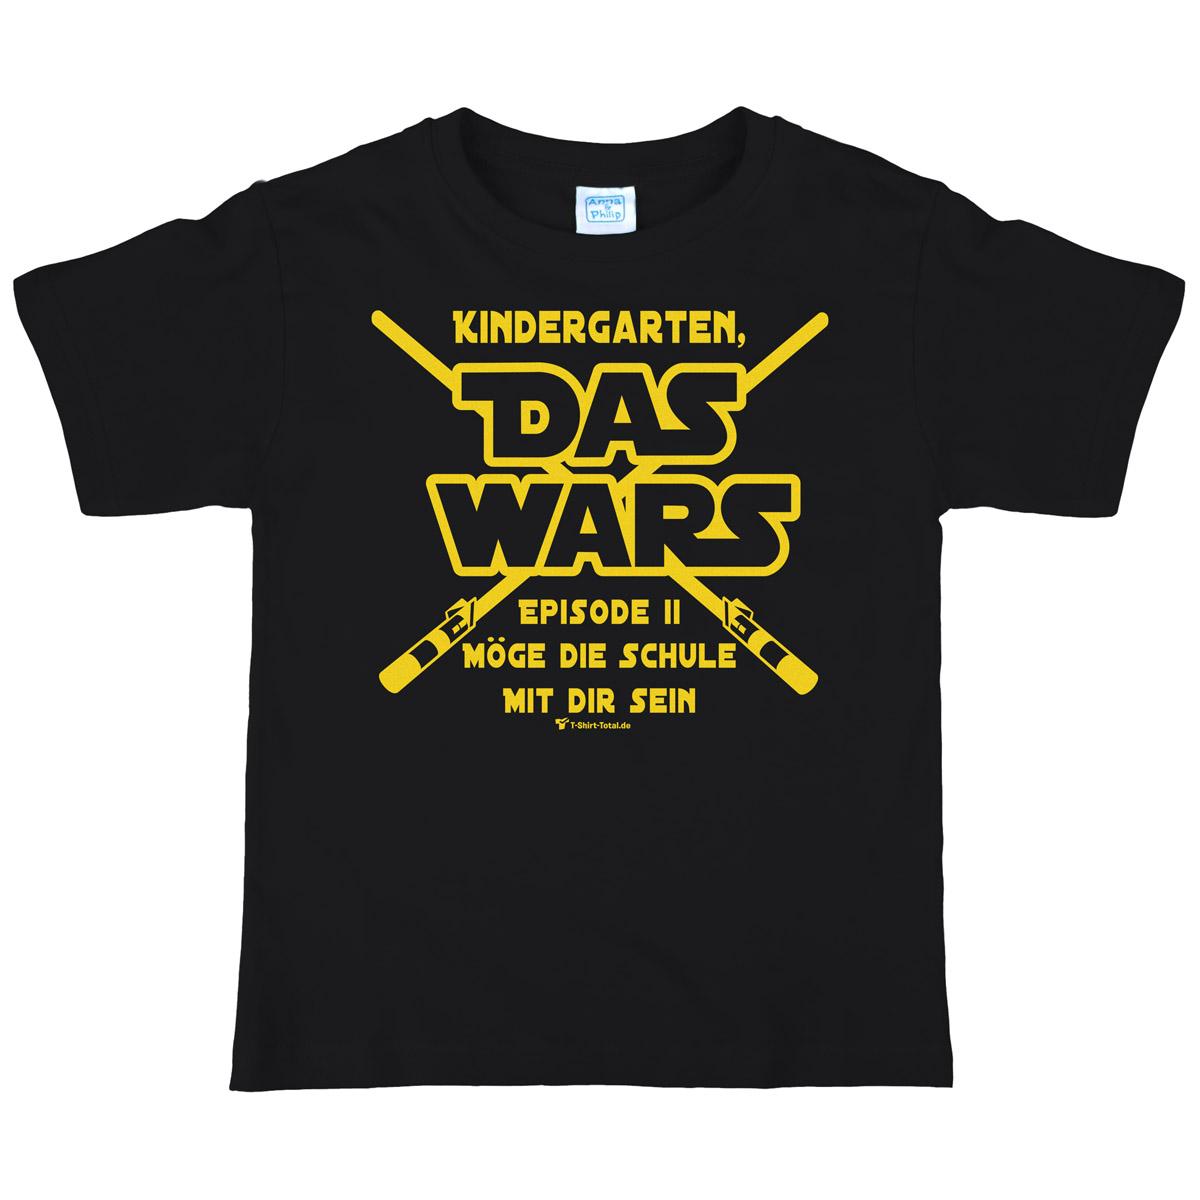 Full Size of Kindergarten Das Wars Sprüche T Shirt Wandsprüche Coole T Shirt Wandtattoos Wandtattoo Männer Bettwäsche Jutebeutel Junggesellinnenabschied Lustige Küche Coole T Shirt Sprüche